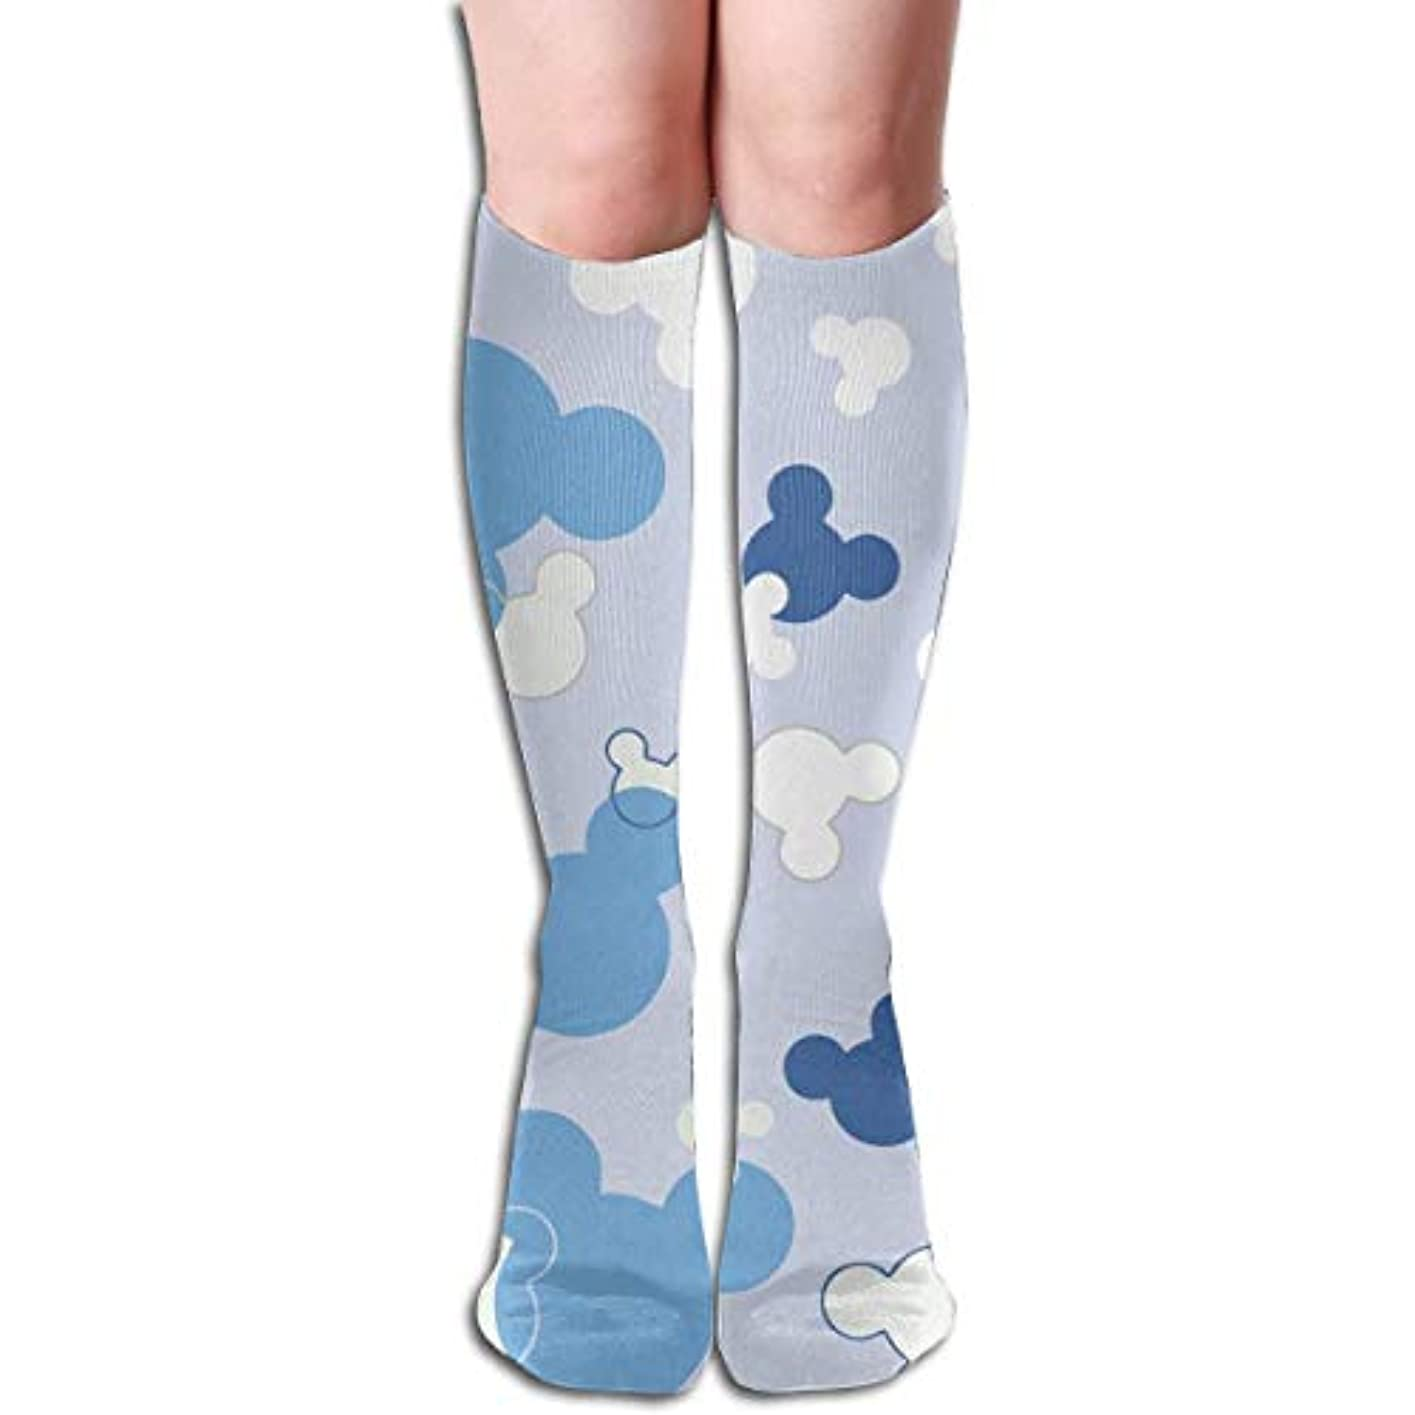 胚深い意見qrriyミニーチューブストッキングレディース冬暖かい膝ハイソックスブーツ靴下